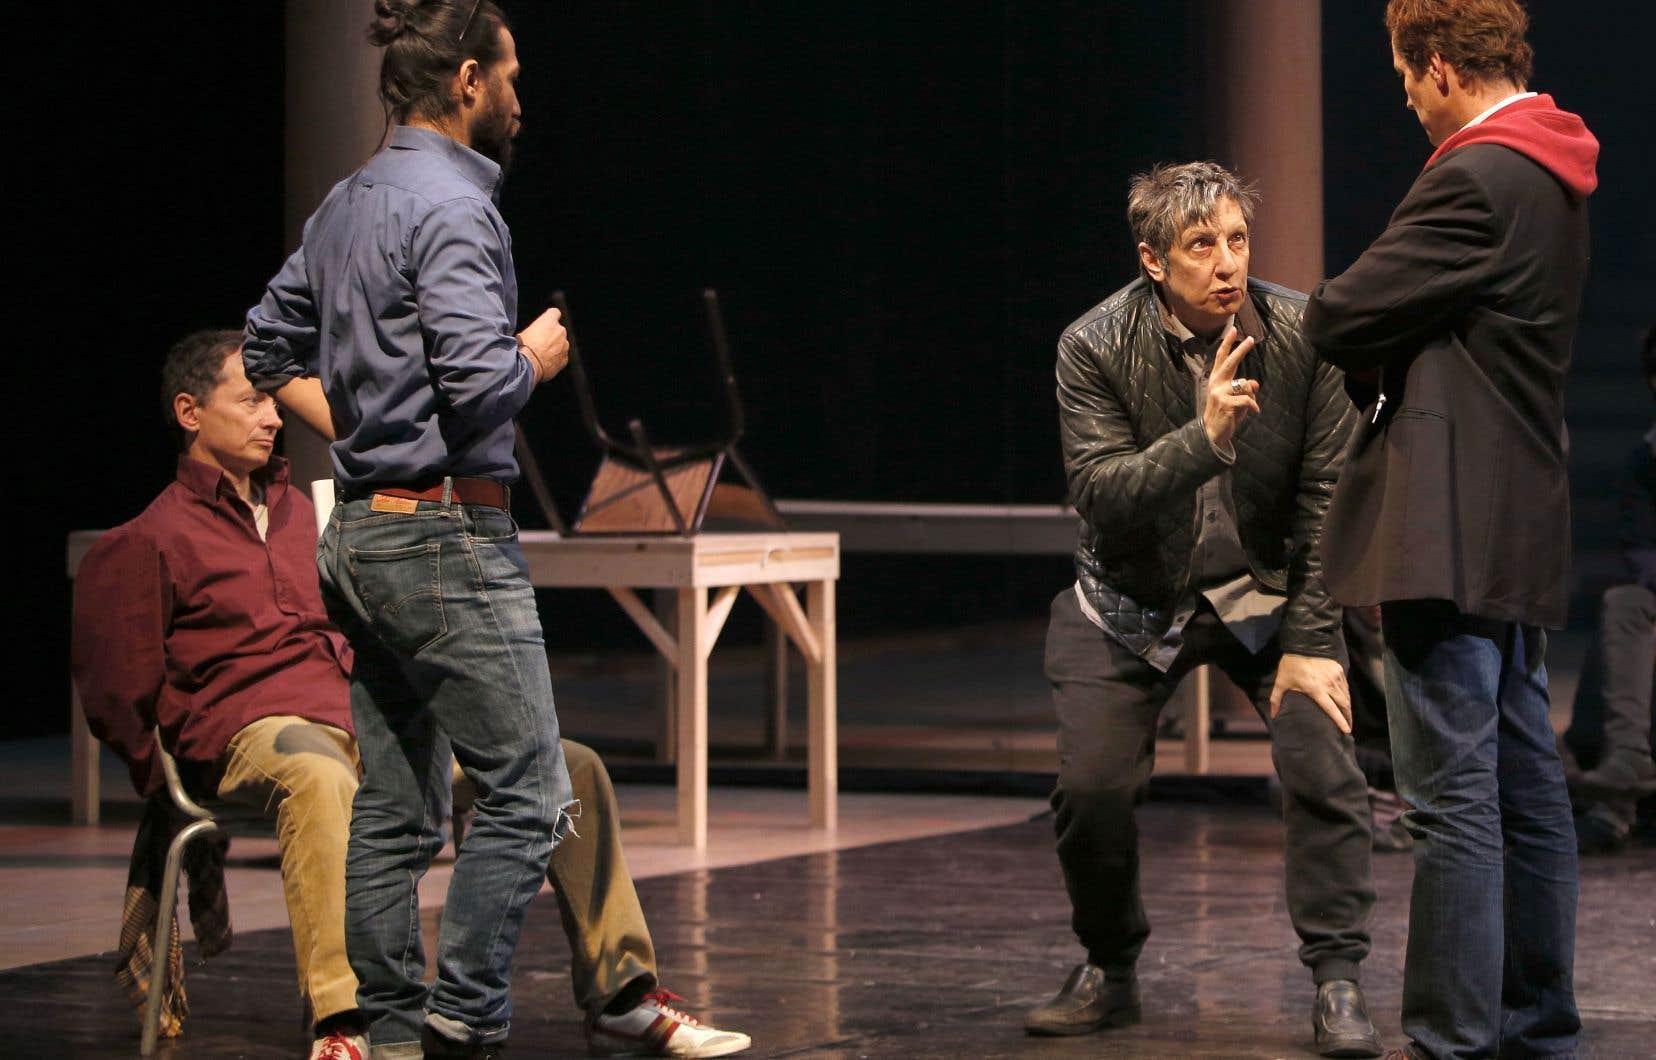 Le metteur en scène Robert Lepage en répétition de la pièce «Kanata» avec des comédiens du Théâtre du Soleil.